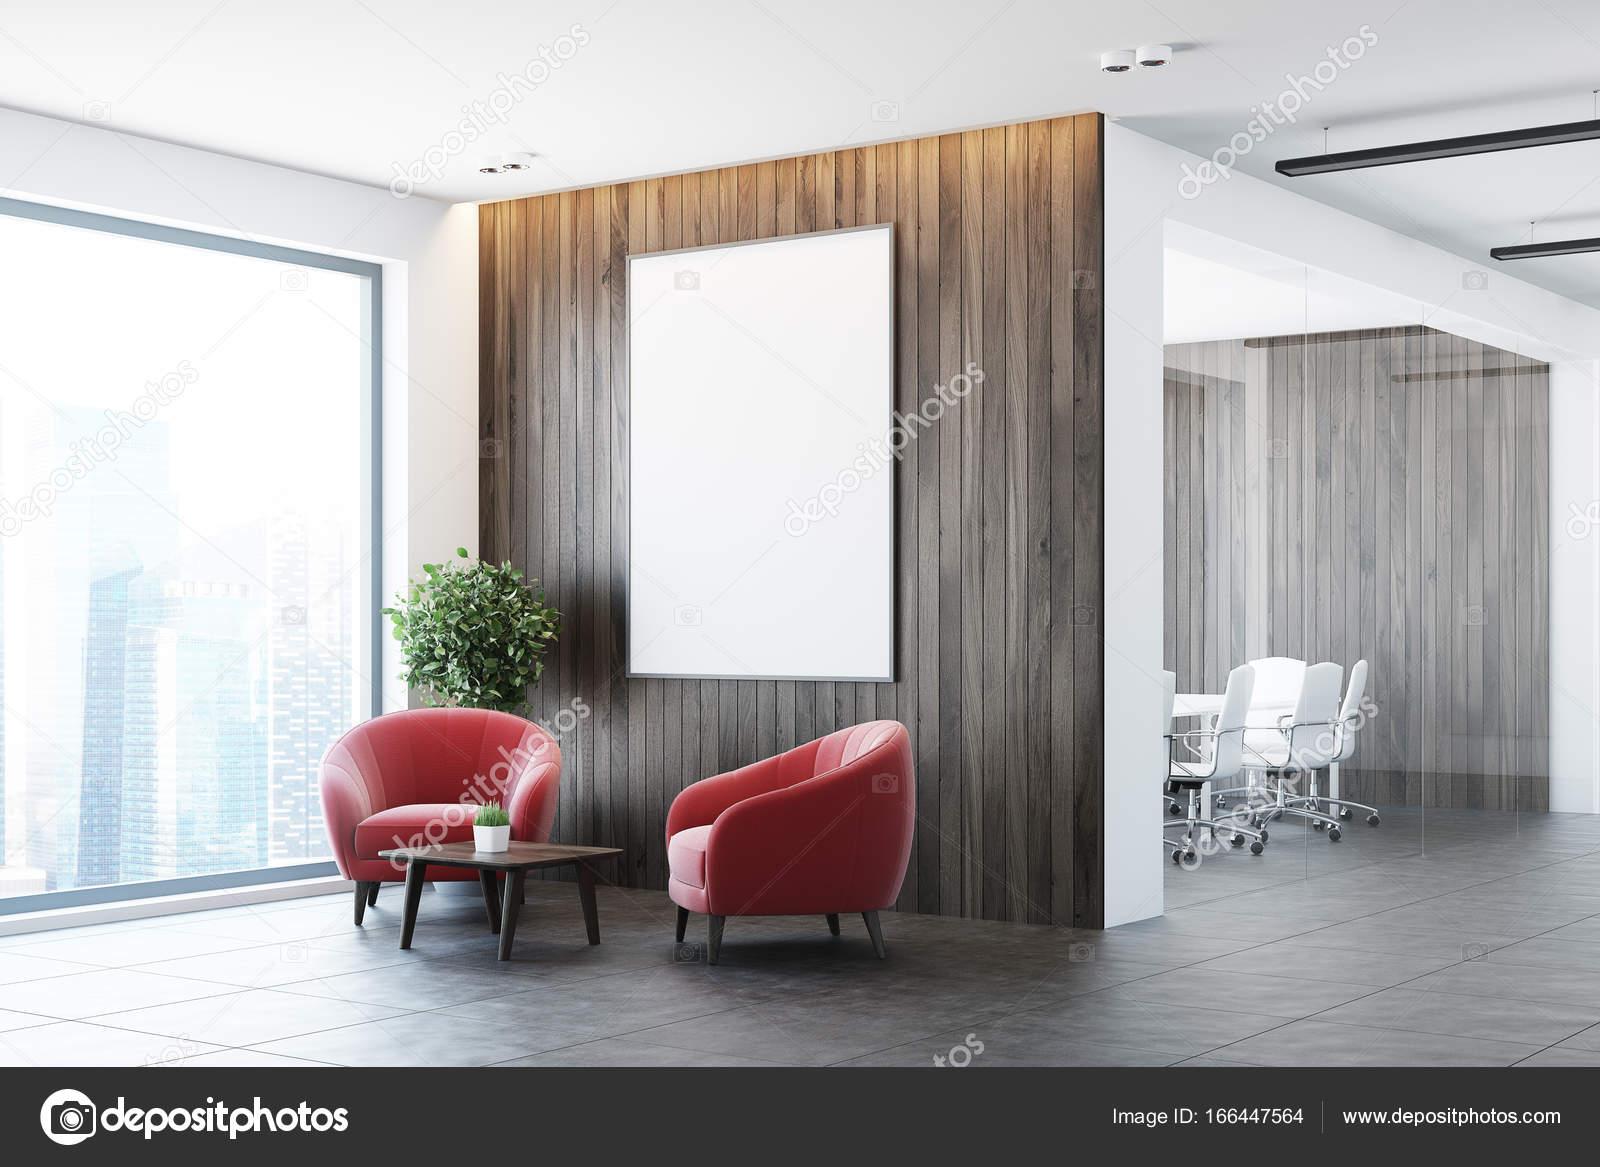 Ufficio Bianco E Legno : Bianco e legno ufficio sala d attesa lato poltrone u foto stock